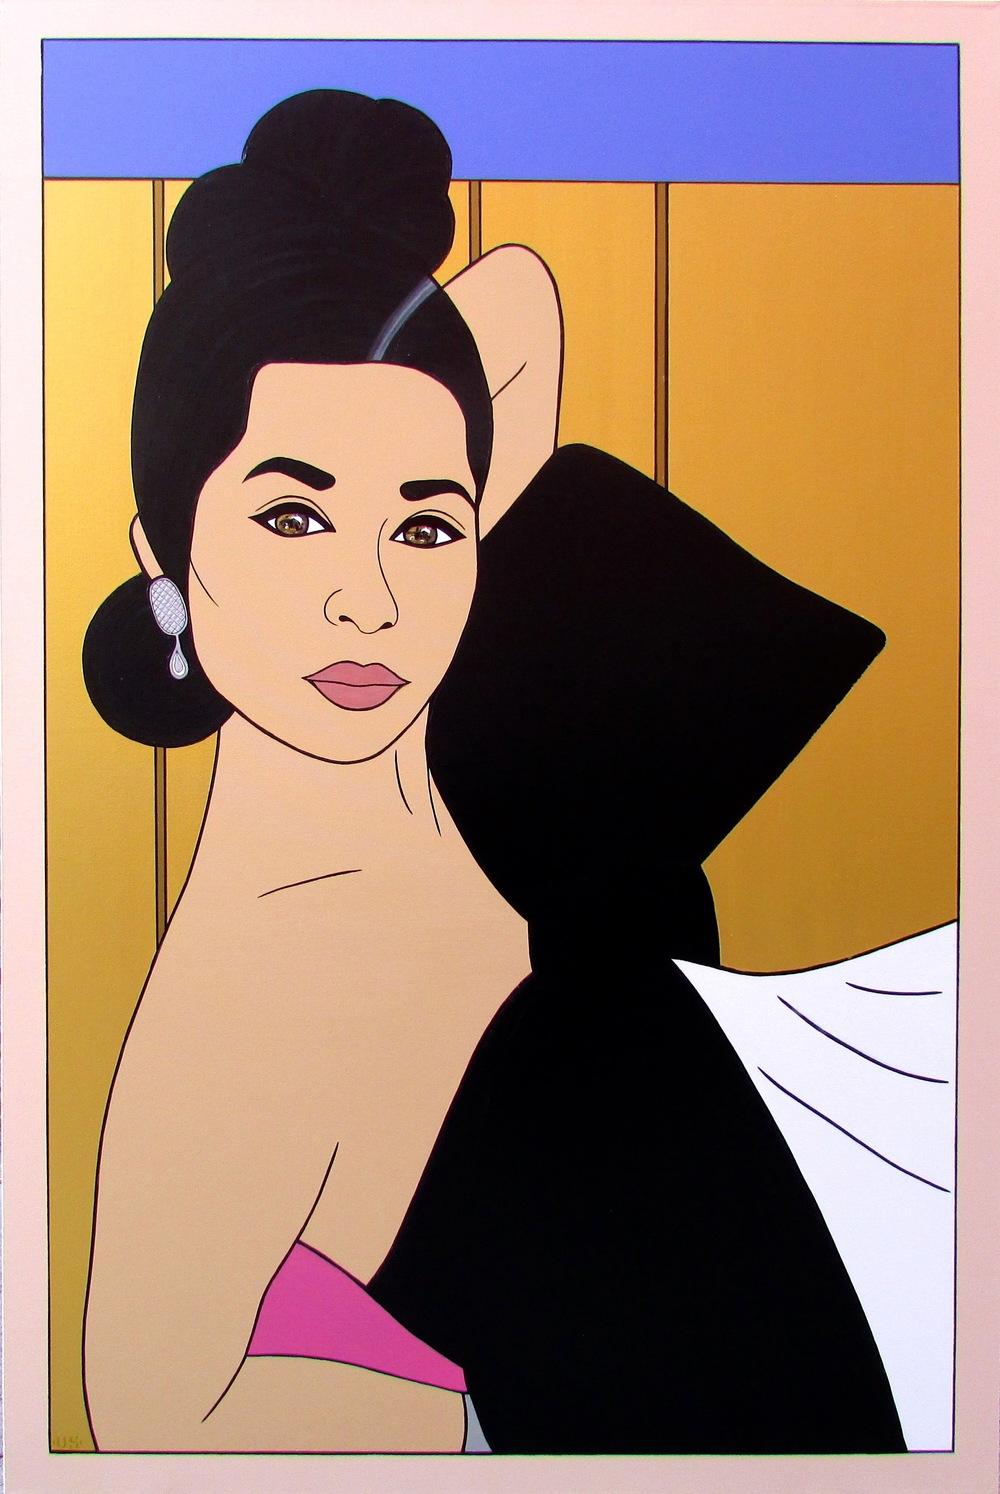 China Machado 1, 60 x 40 inches, Brand Us Art.jpg